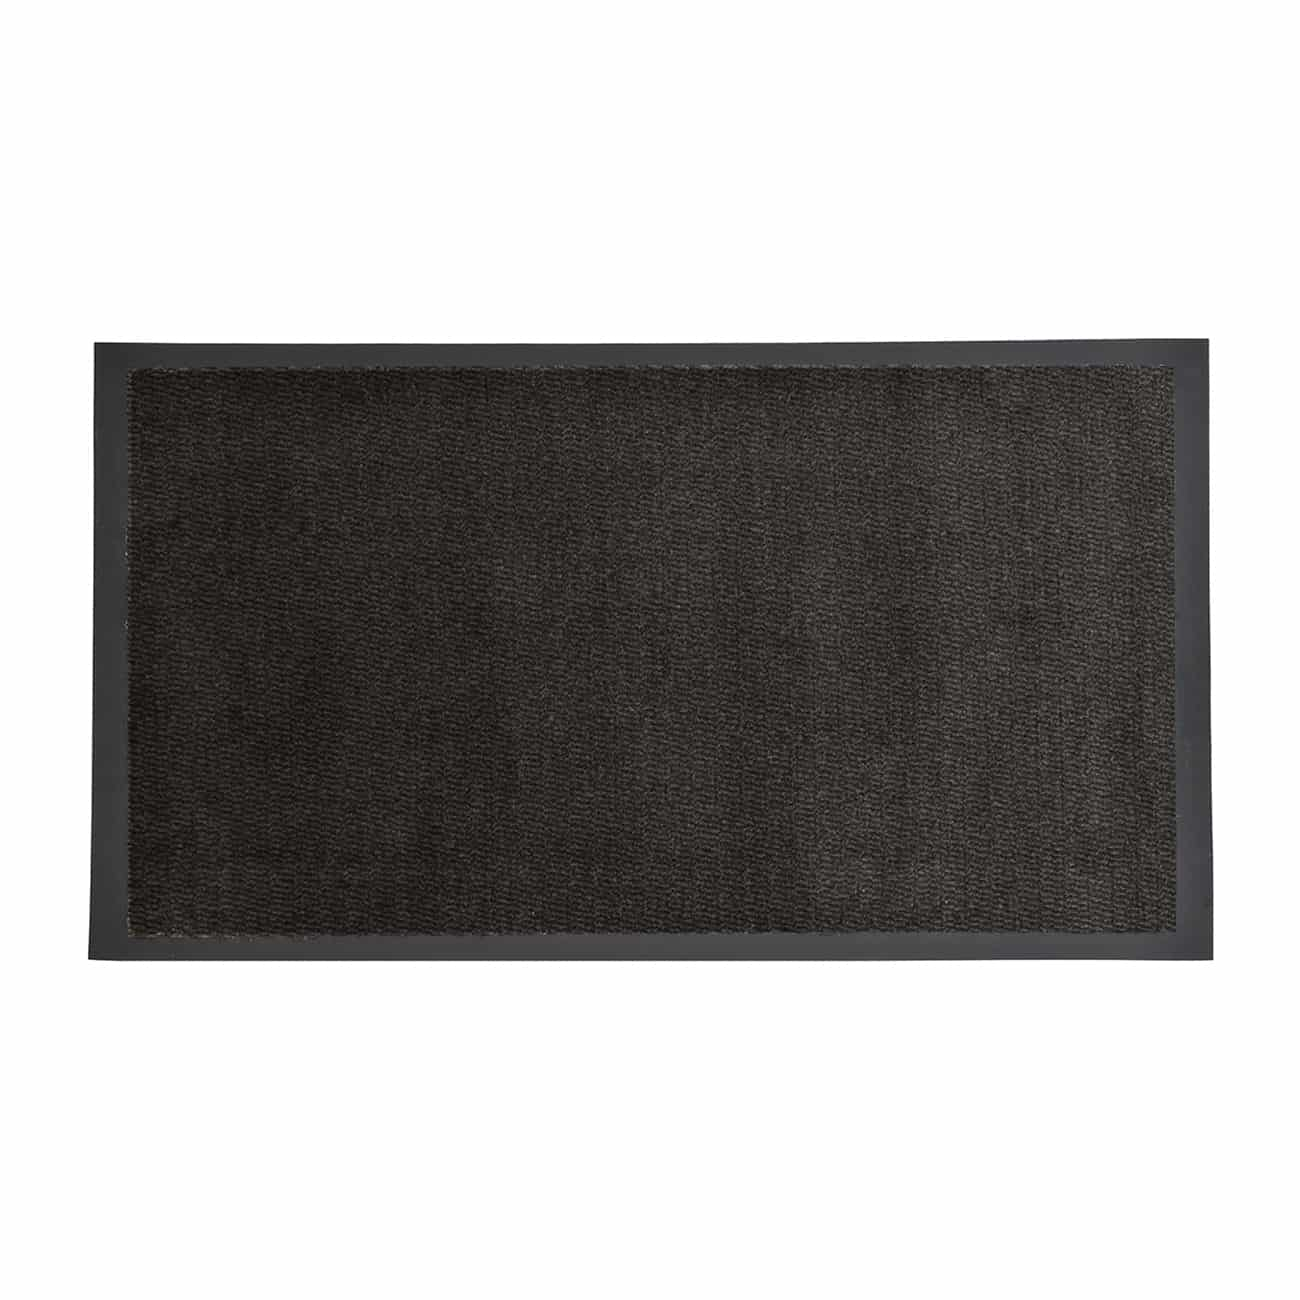 Indoor Large Door Mat Lisa 48 L x 32 W Inch PP-PVC - BLACK